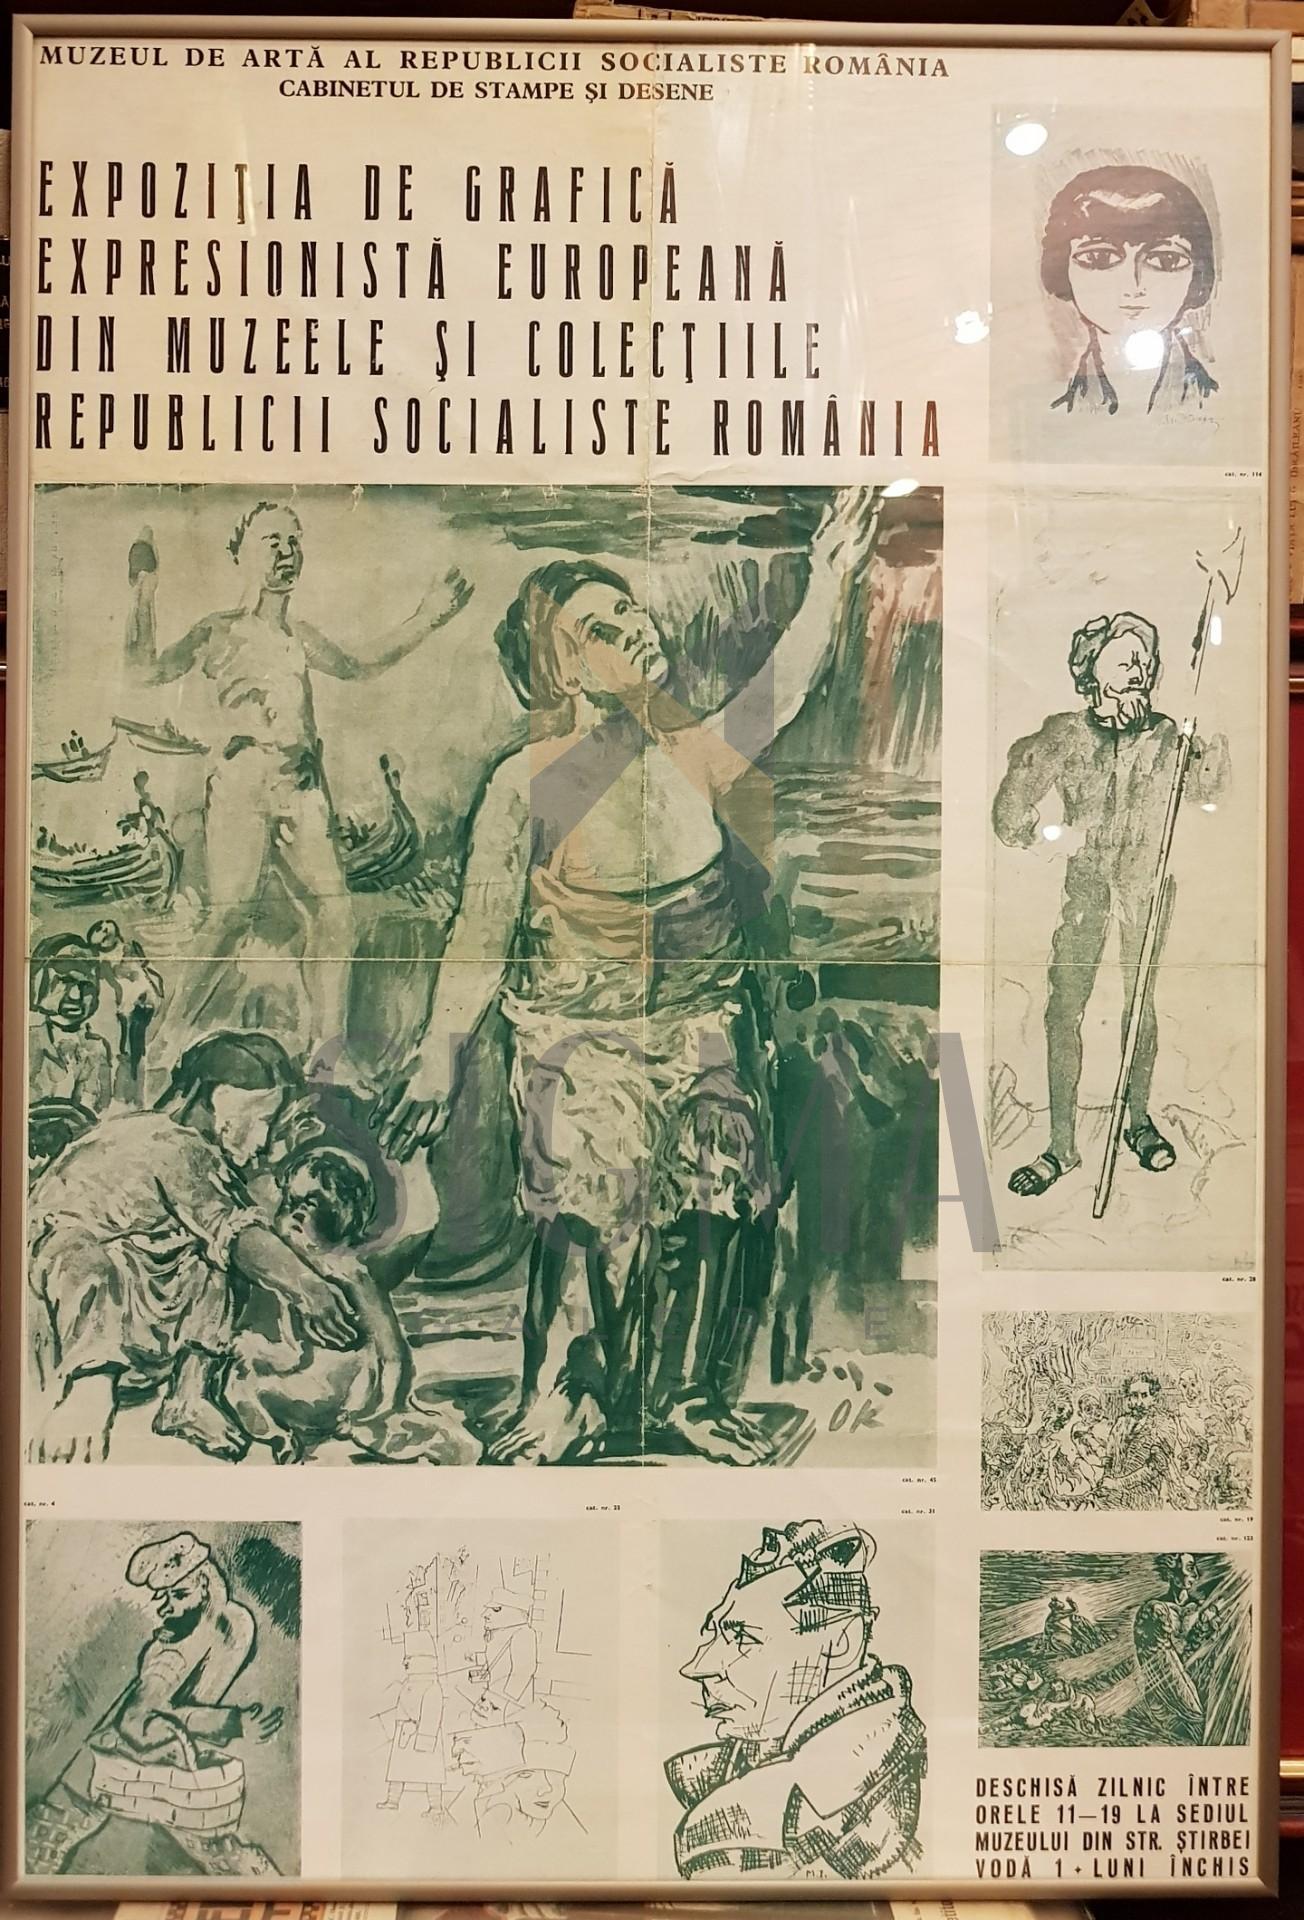 AFIS, EXPOZITIA DE GRAFICA SI SCULPTURA EXPRESIONISTA EUROPEANA DIN MUZEELE SI COLECTIILE REPUBLICII SOCIALISTE ROMANIA, Inceputul Anilor '70, Bucuresti